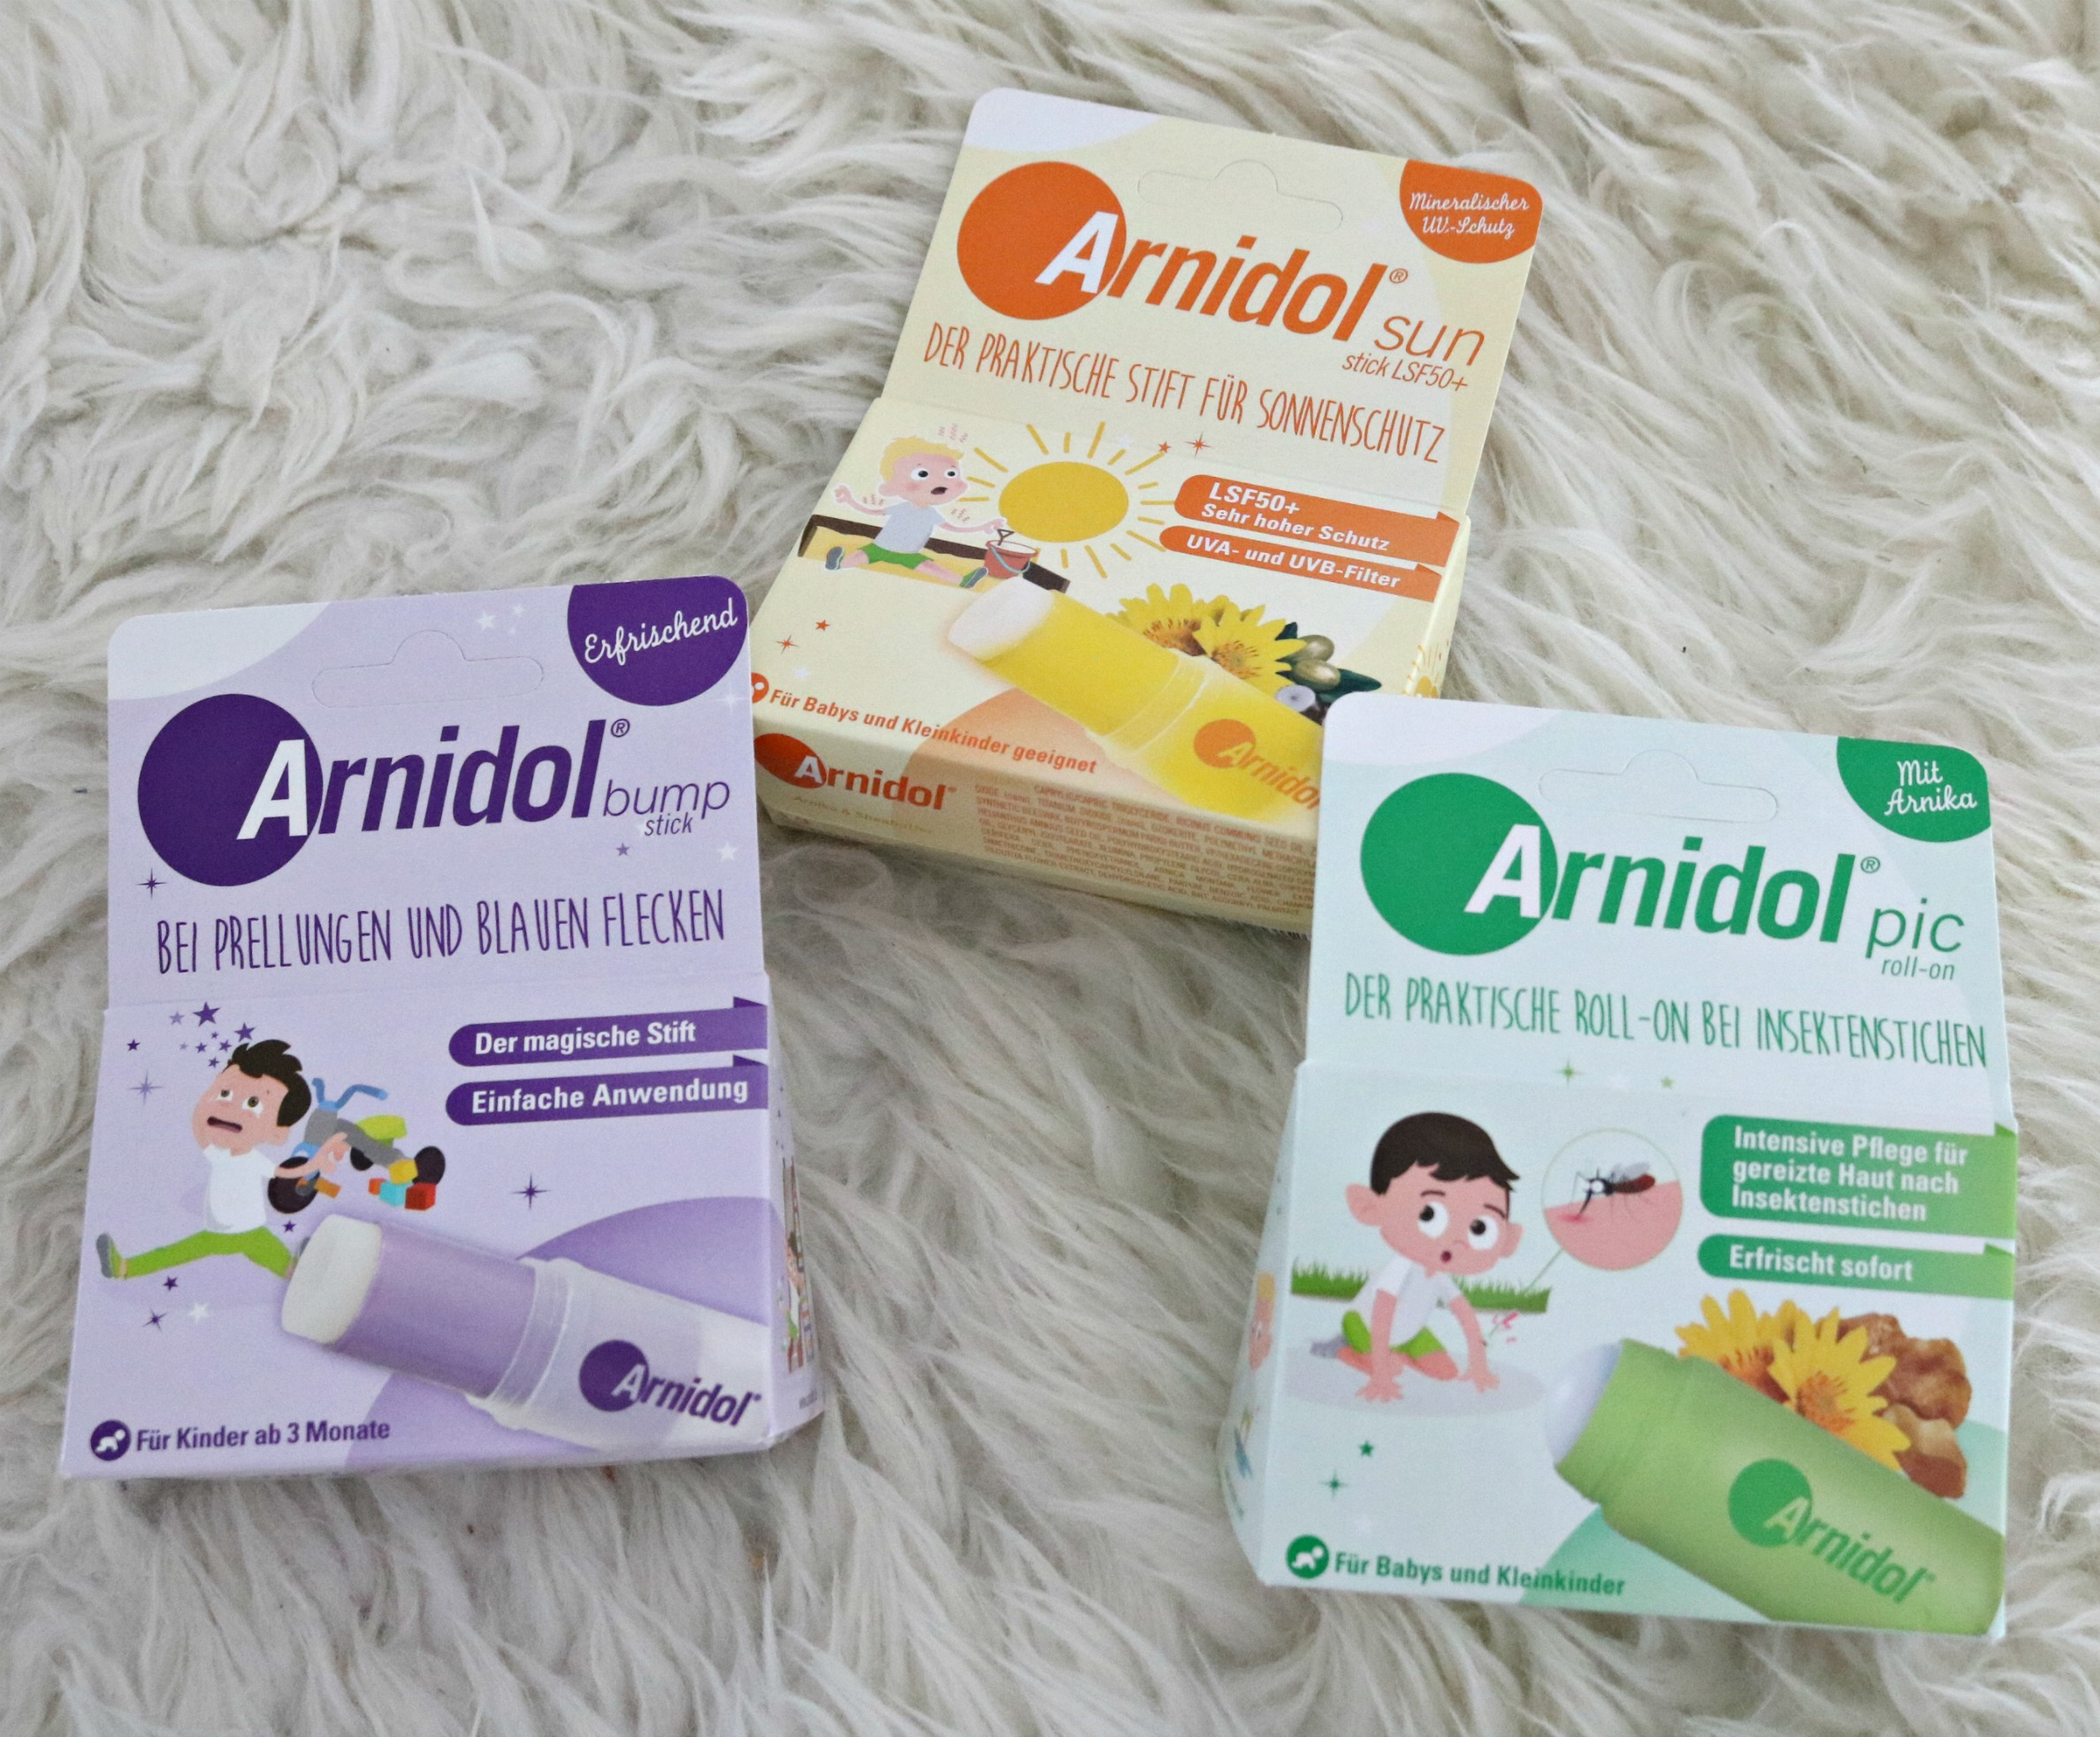 Arnidol_Sticks